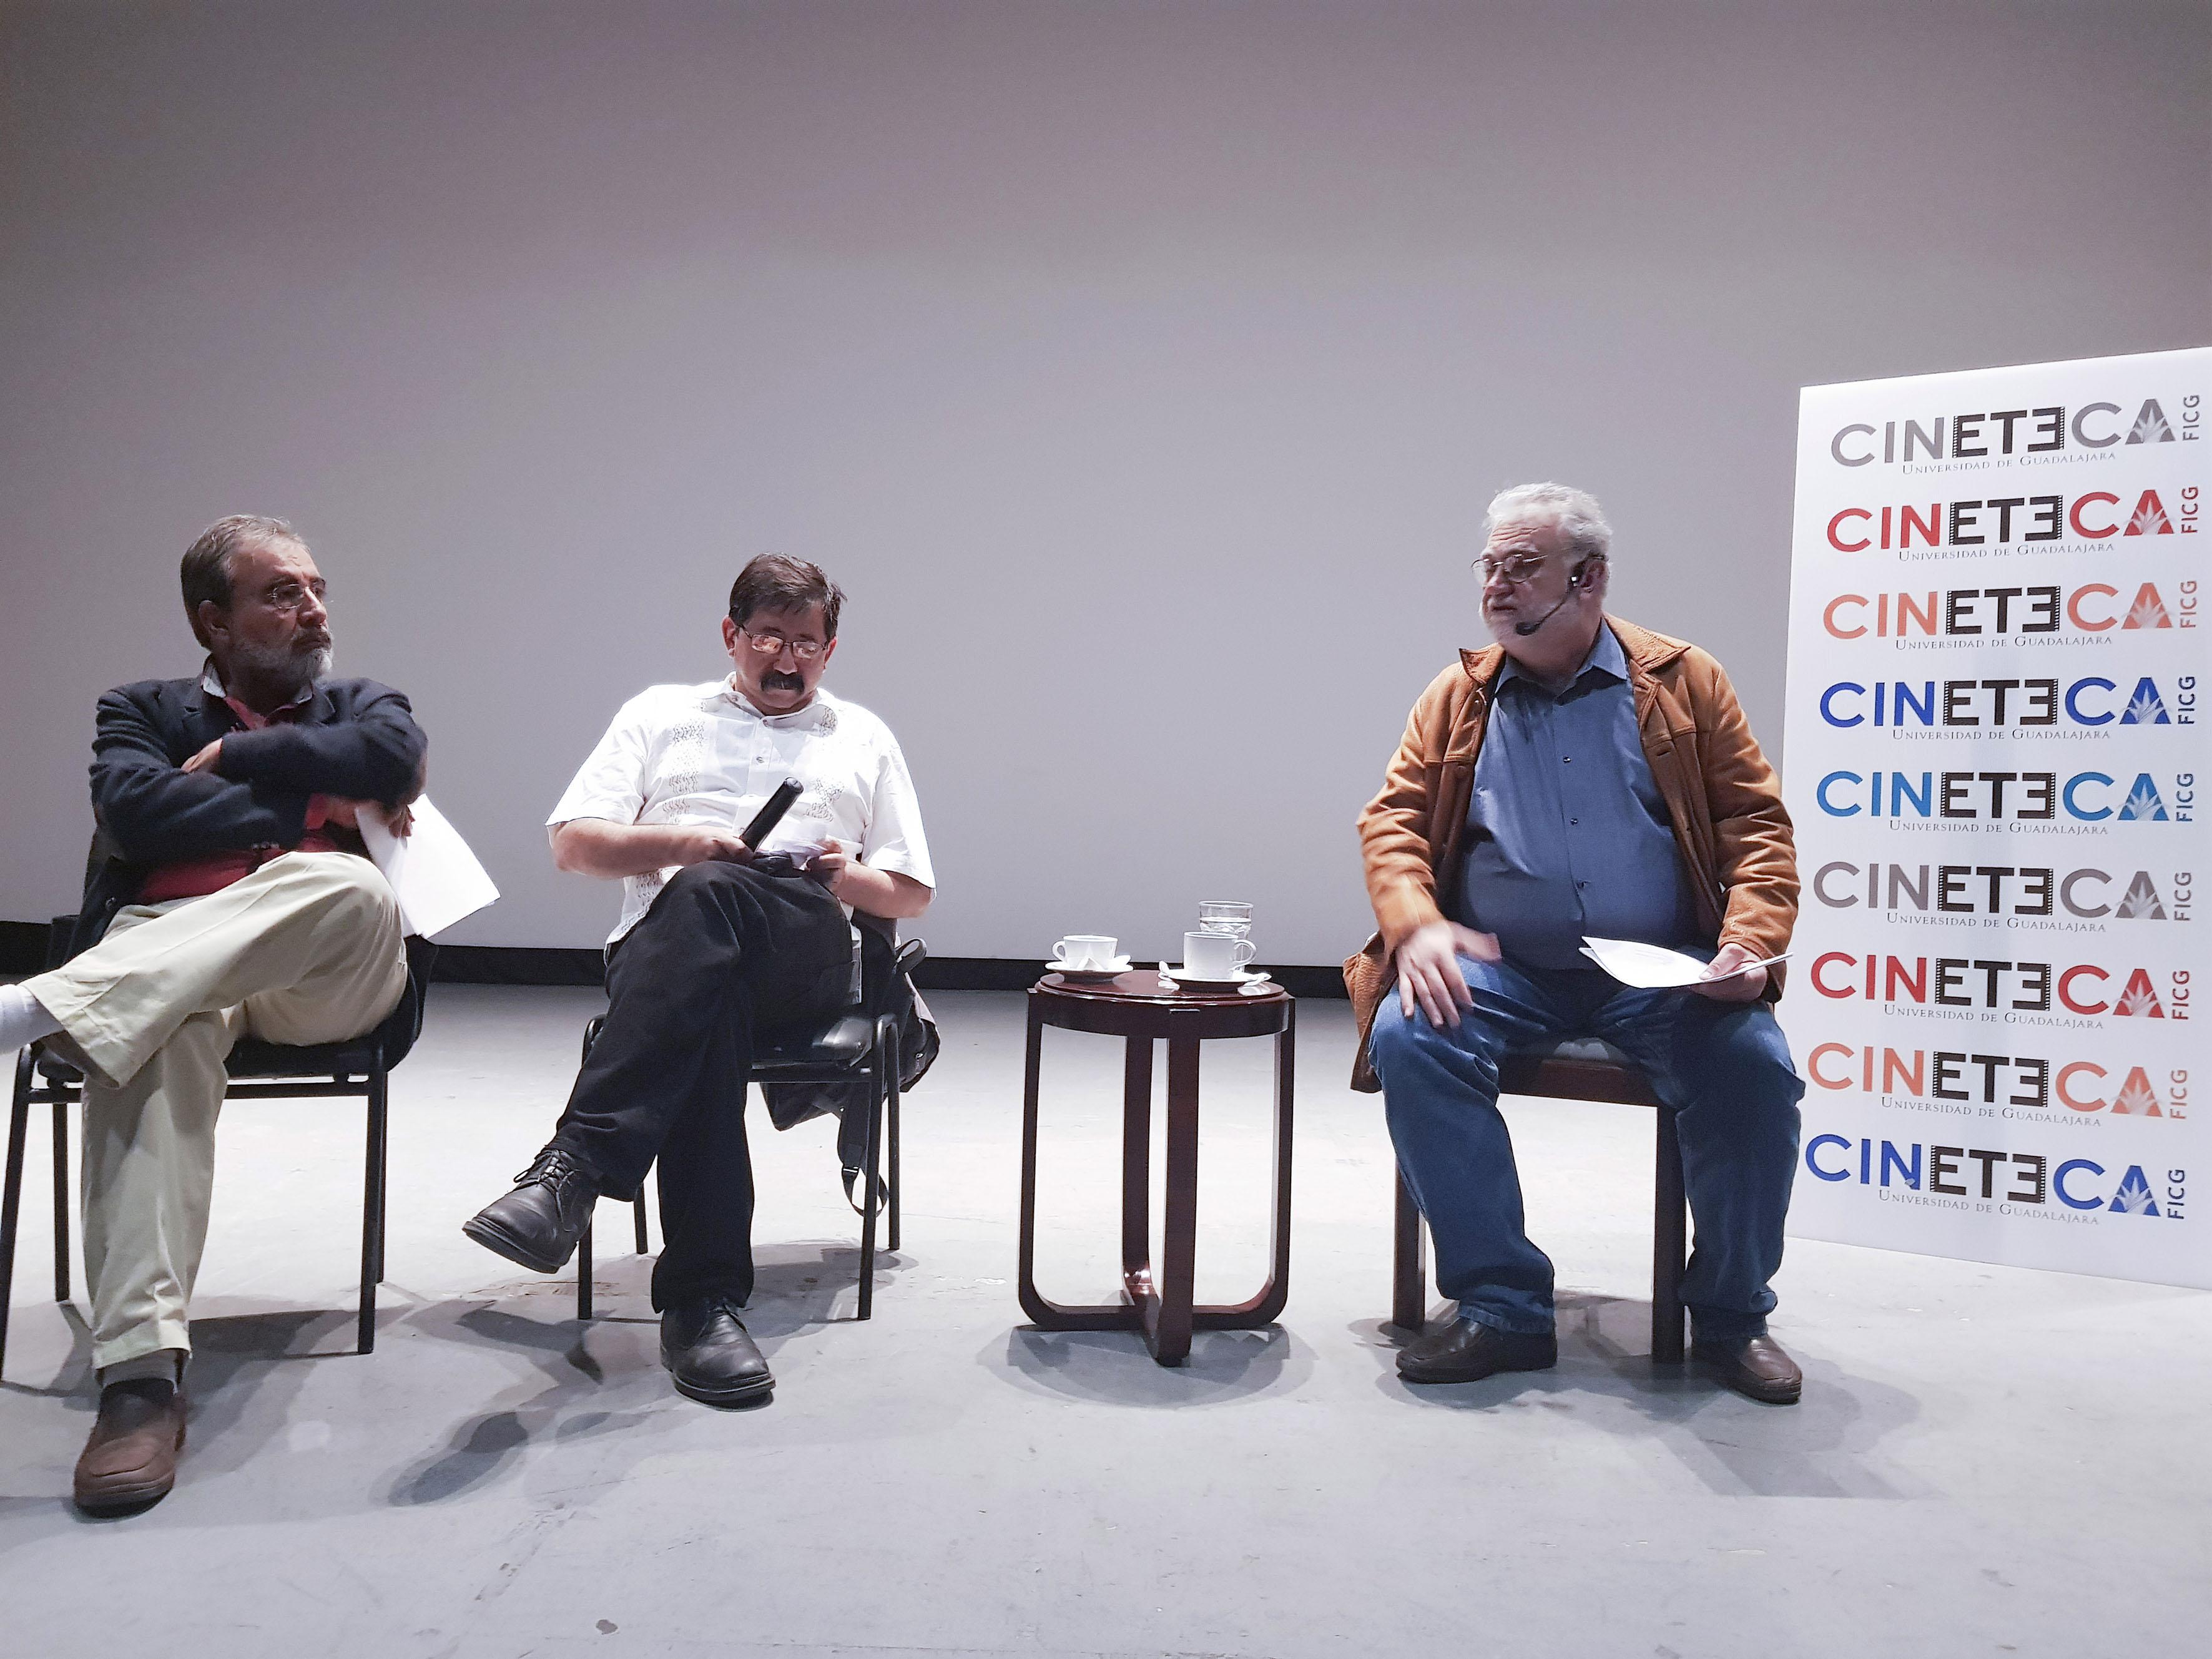 Rueda de prensa de Cineteca FICG Universidad de Guadalajara para anunciar programación